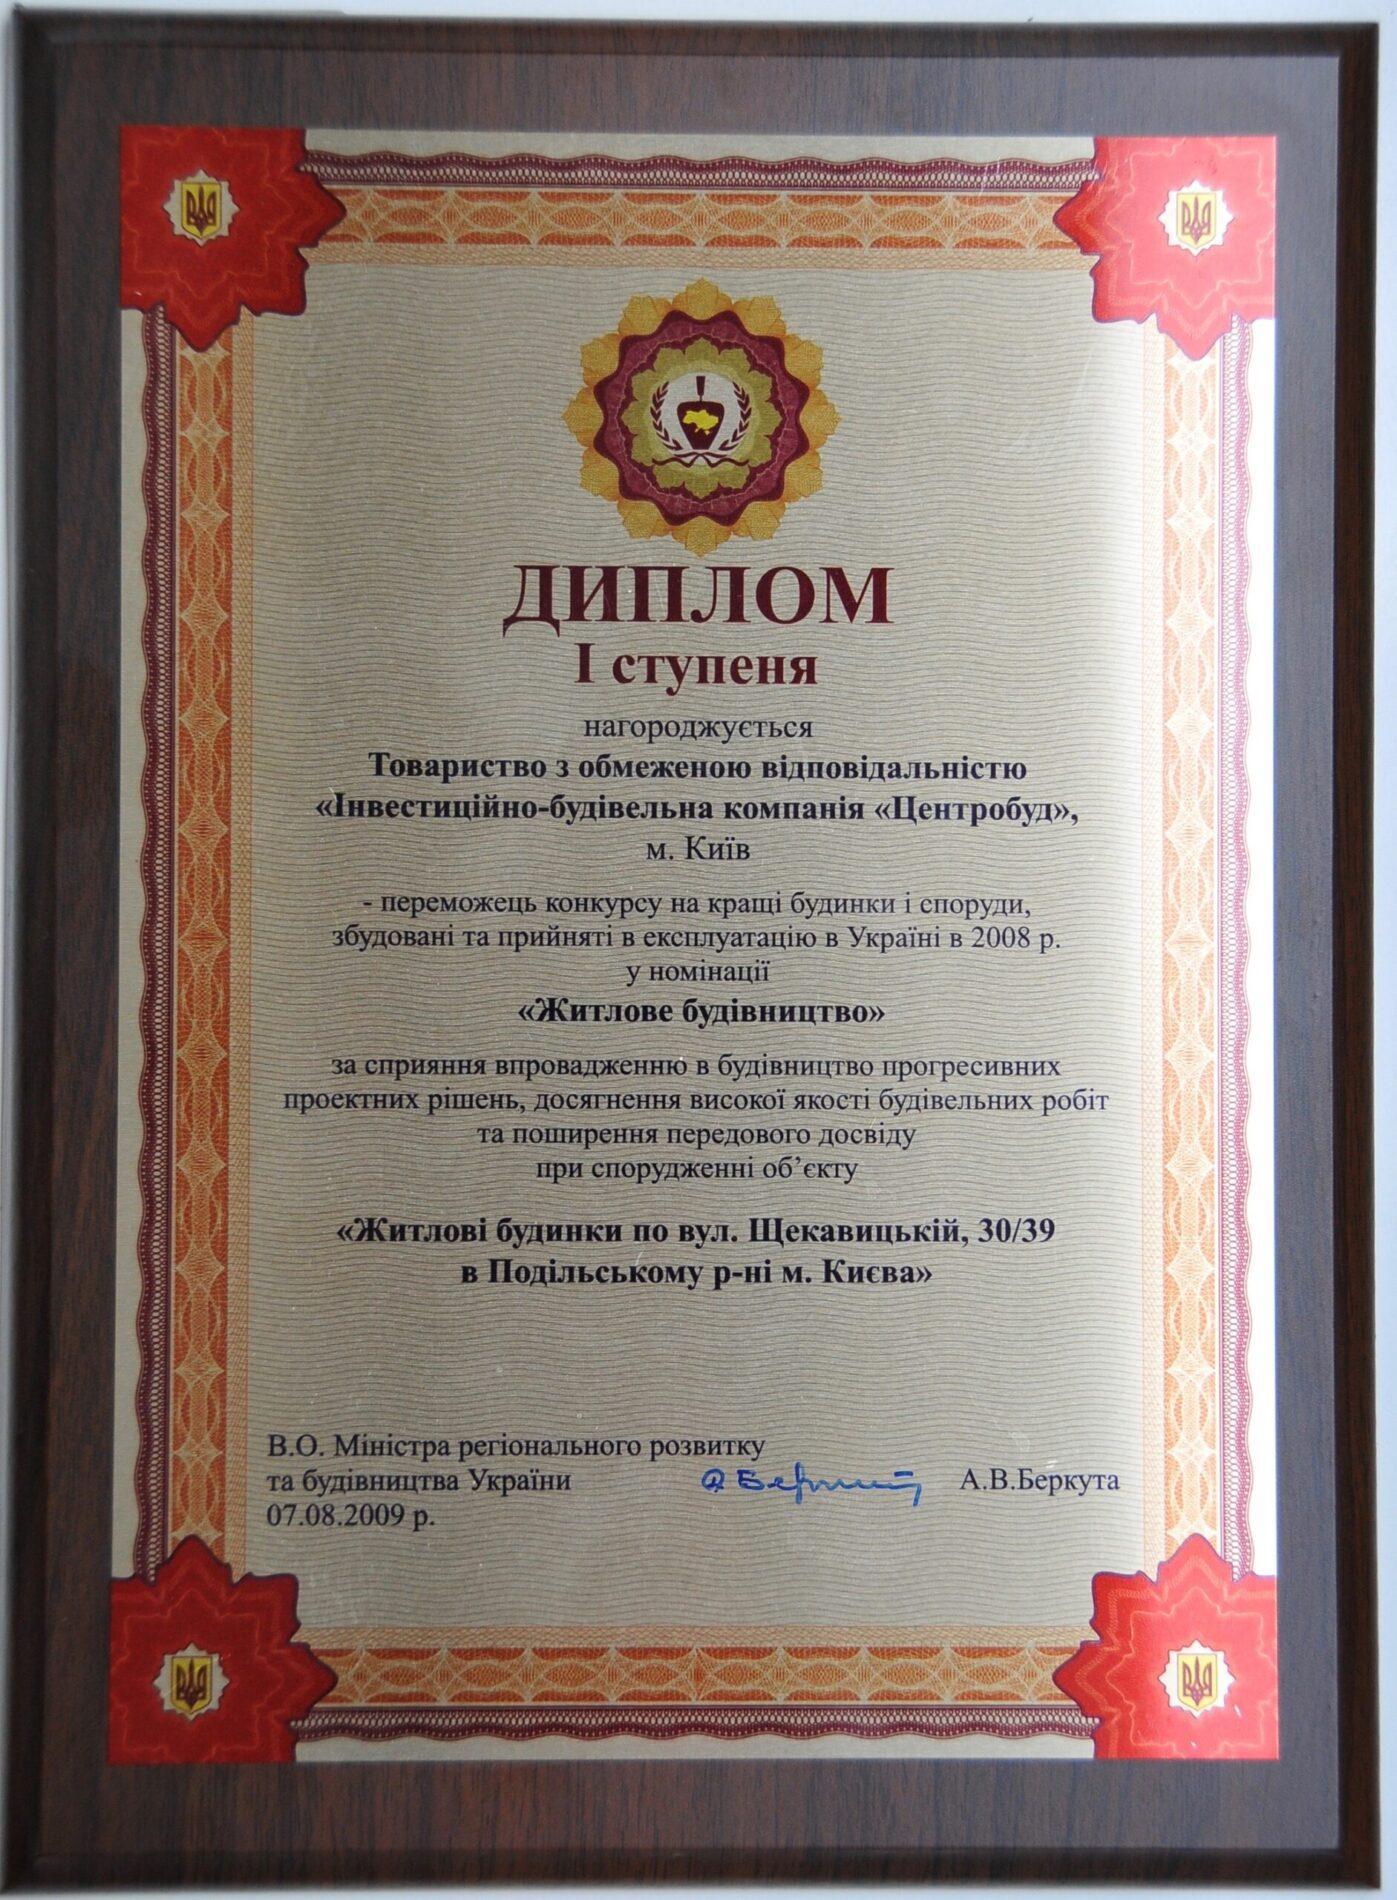 Диплом 1 ступеня. Переможець конкурсу на кращі будинки і споруди. Щекавицька 30/39